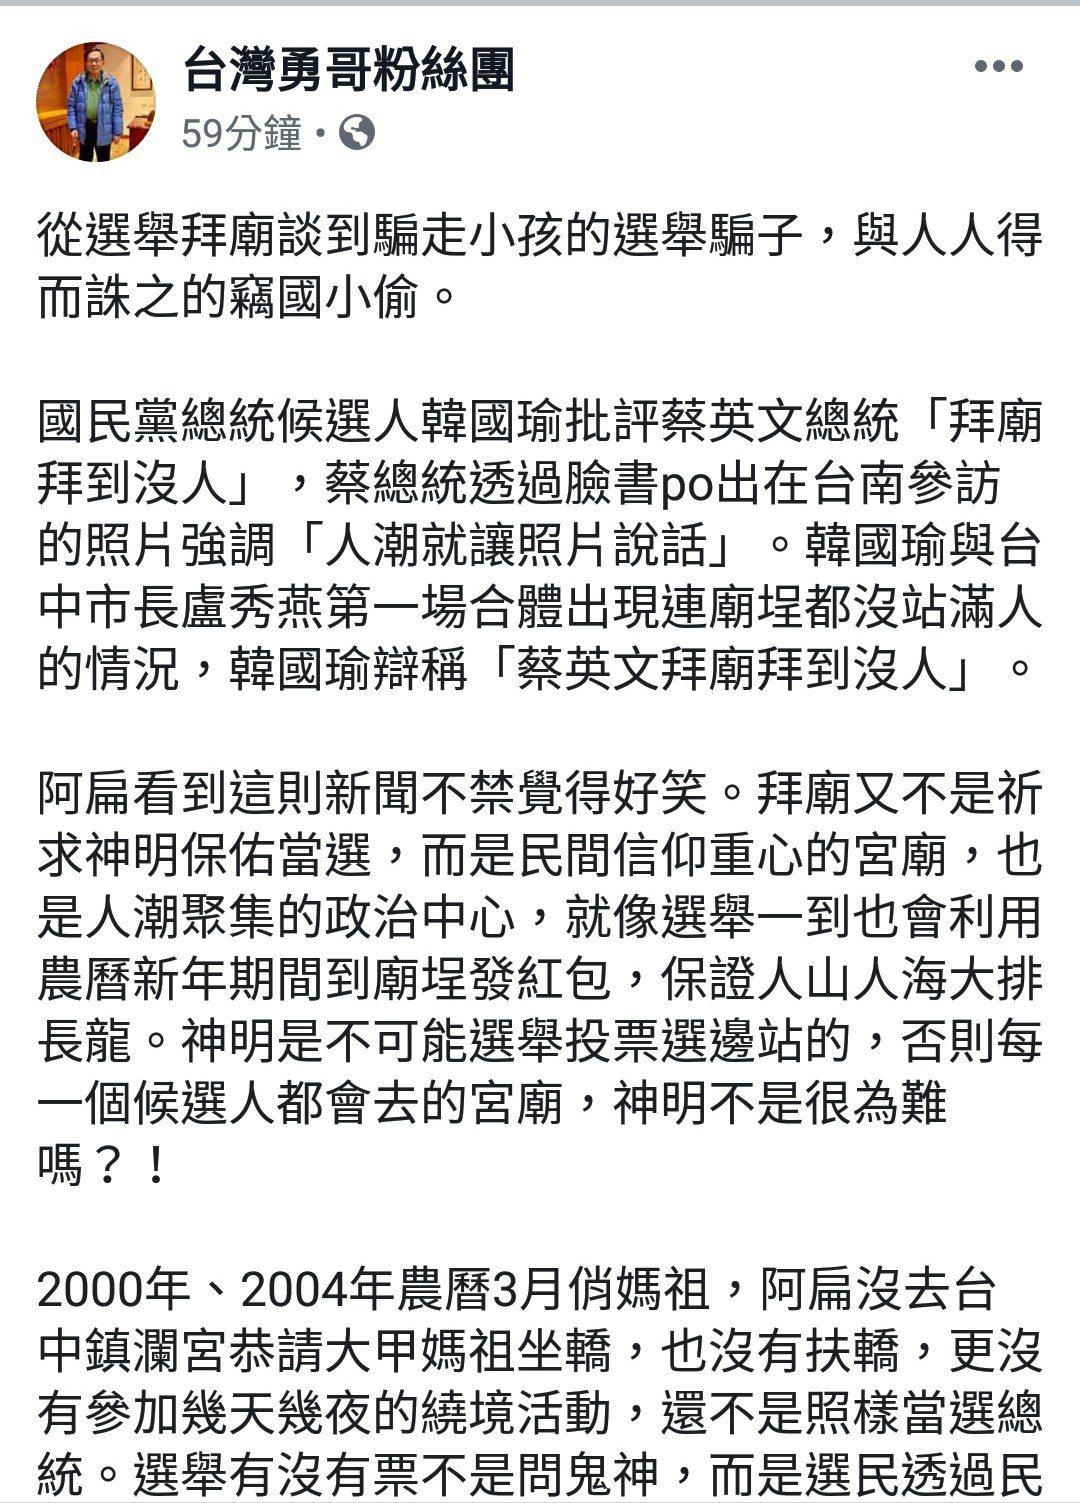 總統蔡英文日前把高雄市形容為帶大的孩子被人騙走,前總統陳水扁今發臉書批說,這是對...